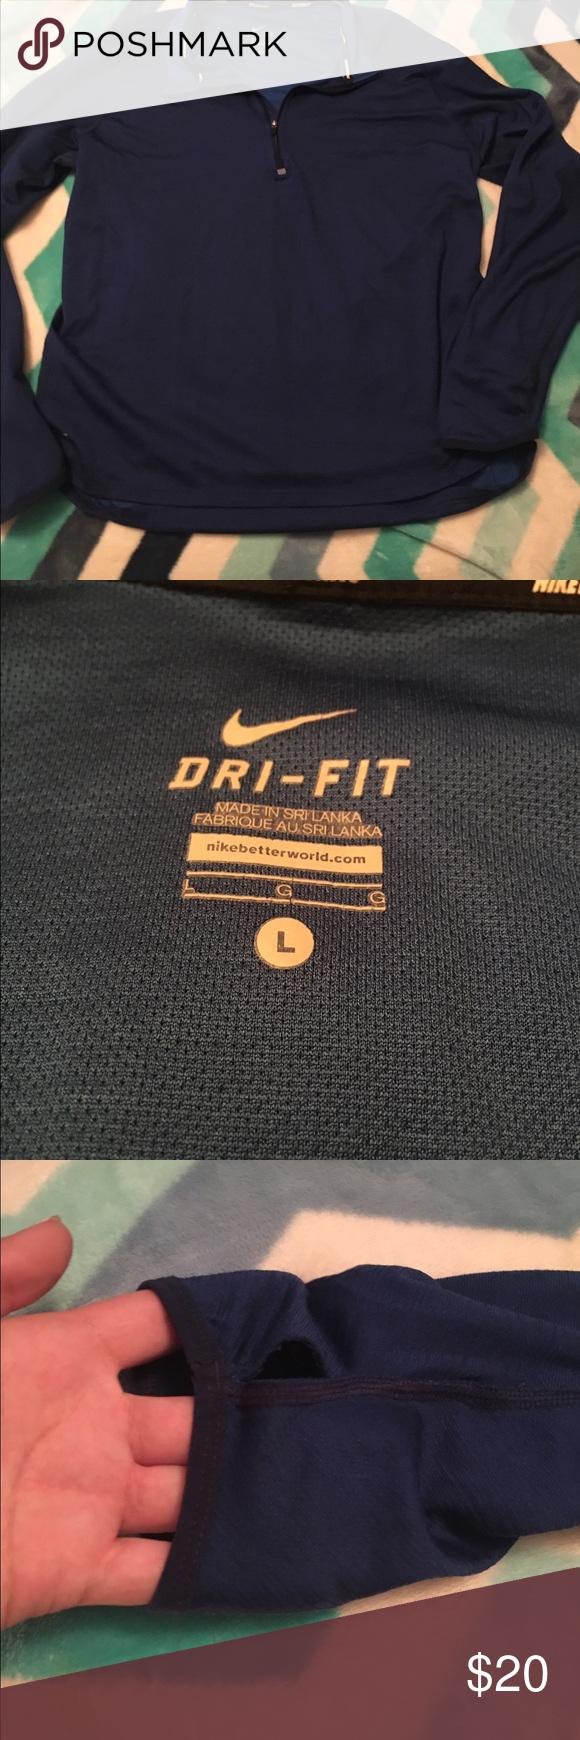 Nike dri fit running wind breaker Blue nike dri for running half zip hoodie size large. Has thumbs holes also Nike Tops Sweatshirts & Hoodies